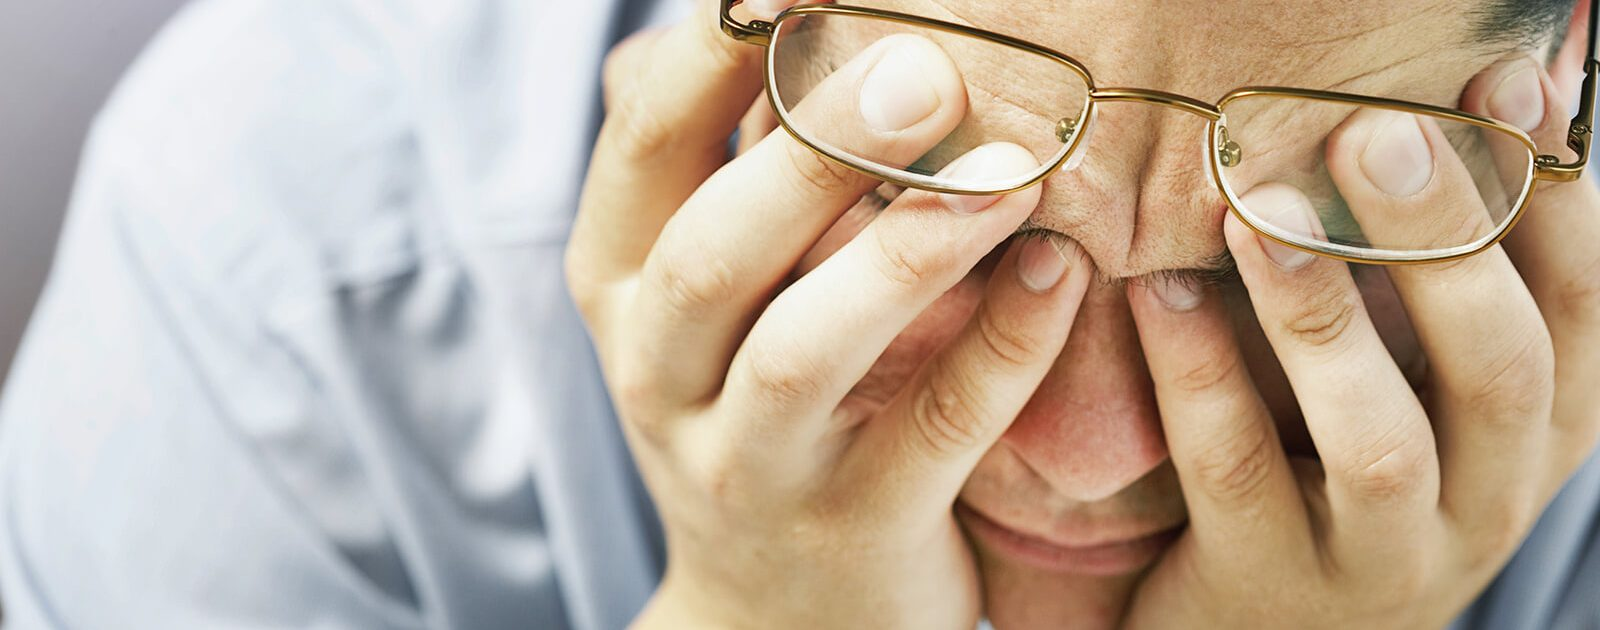 Nasenpolypen können aufgrund der beeinträchtigten Atmung auch zu Erschöpfung führen.